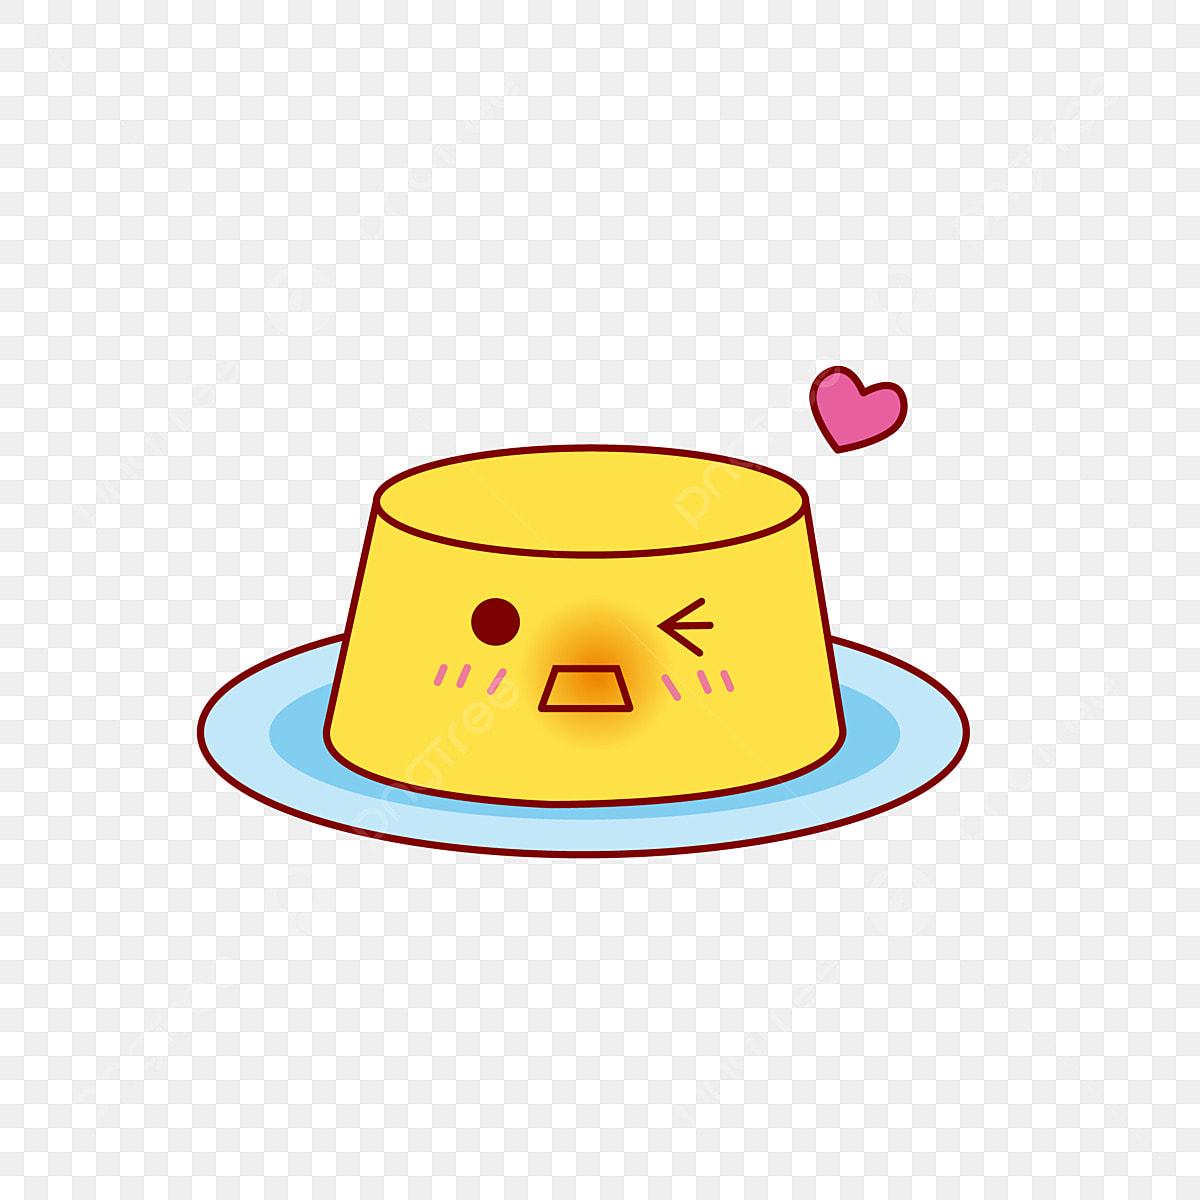 Download 1010 Gambar Kartun Lucu Warna Kuning Terbaru